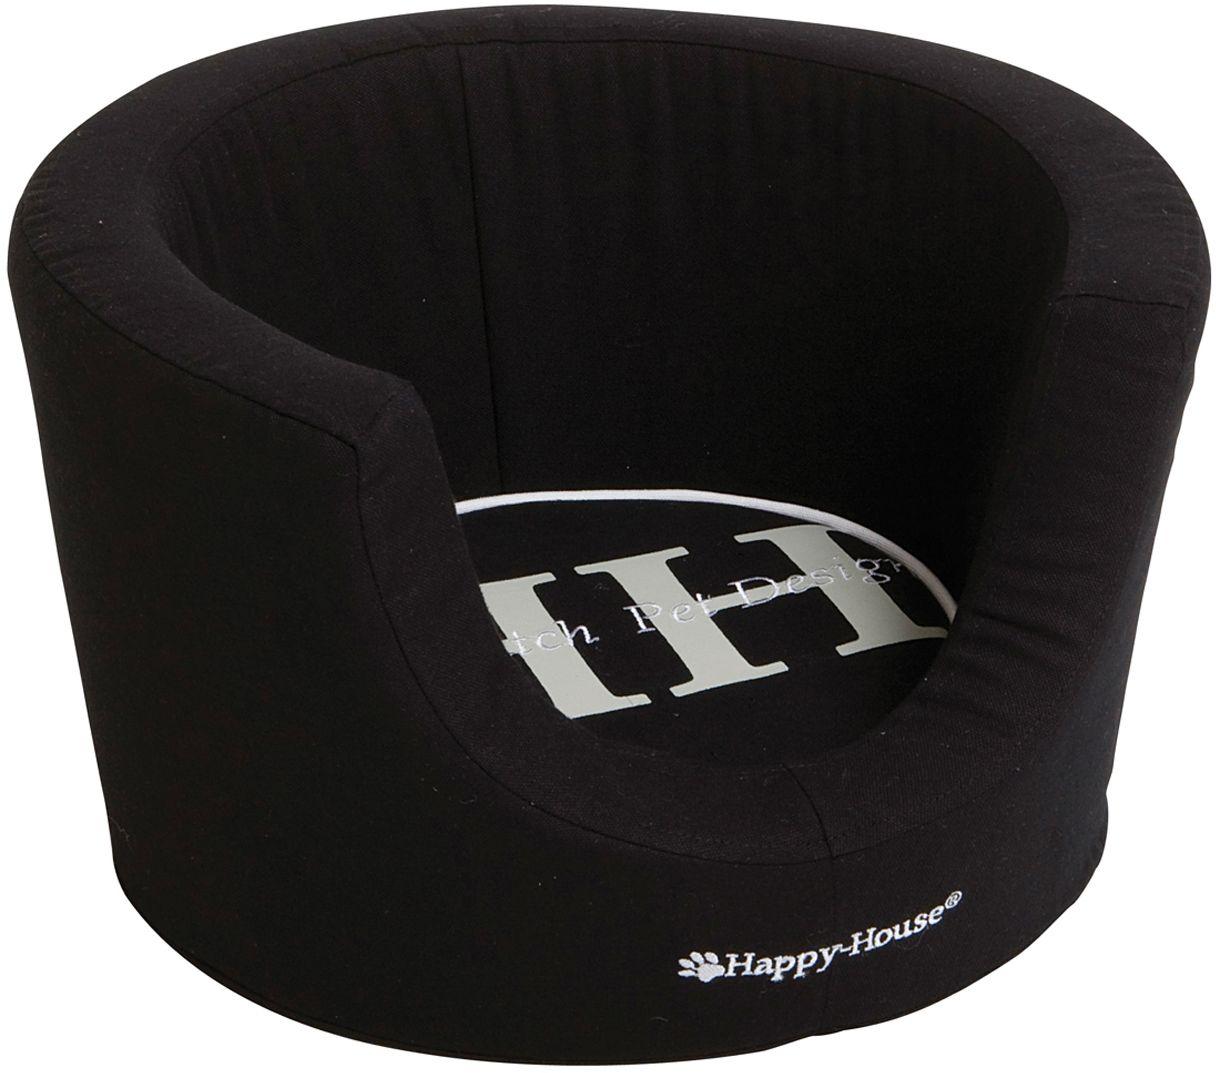 Лежак для животных Happy House Canvas Comfort, цвет: черный, 52 х 52 х 31 см подушка для животных happy house canvas цвет черный 107 х 70 х 10 см